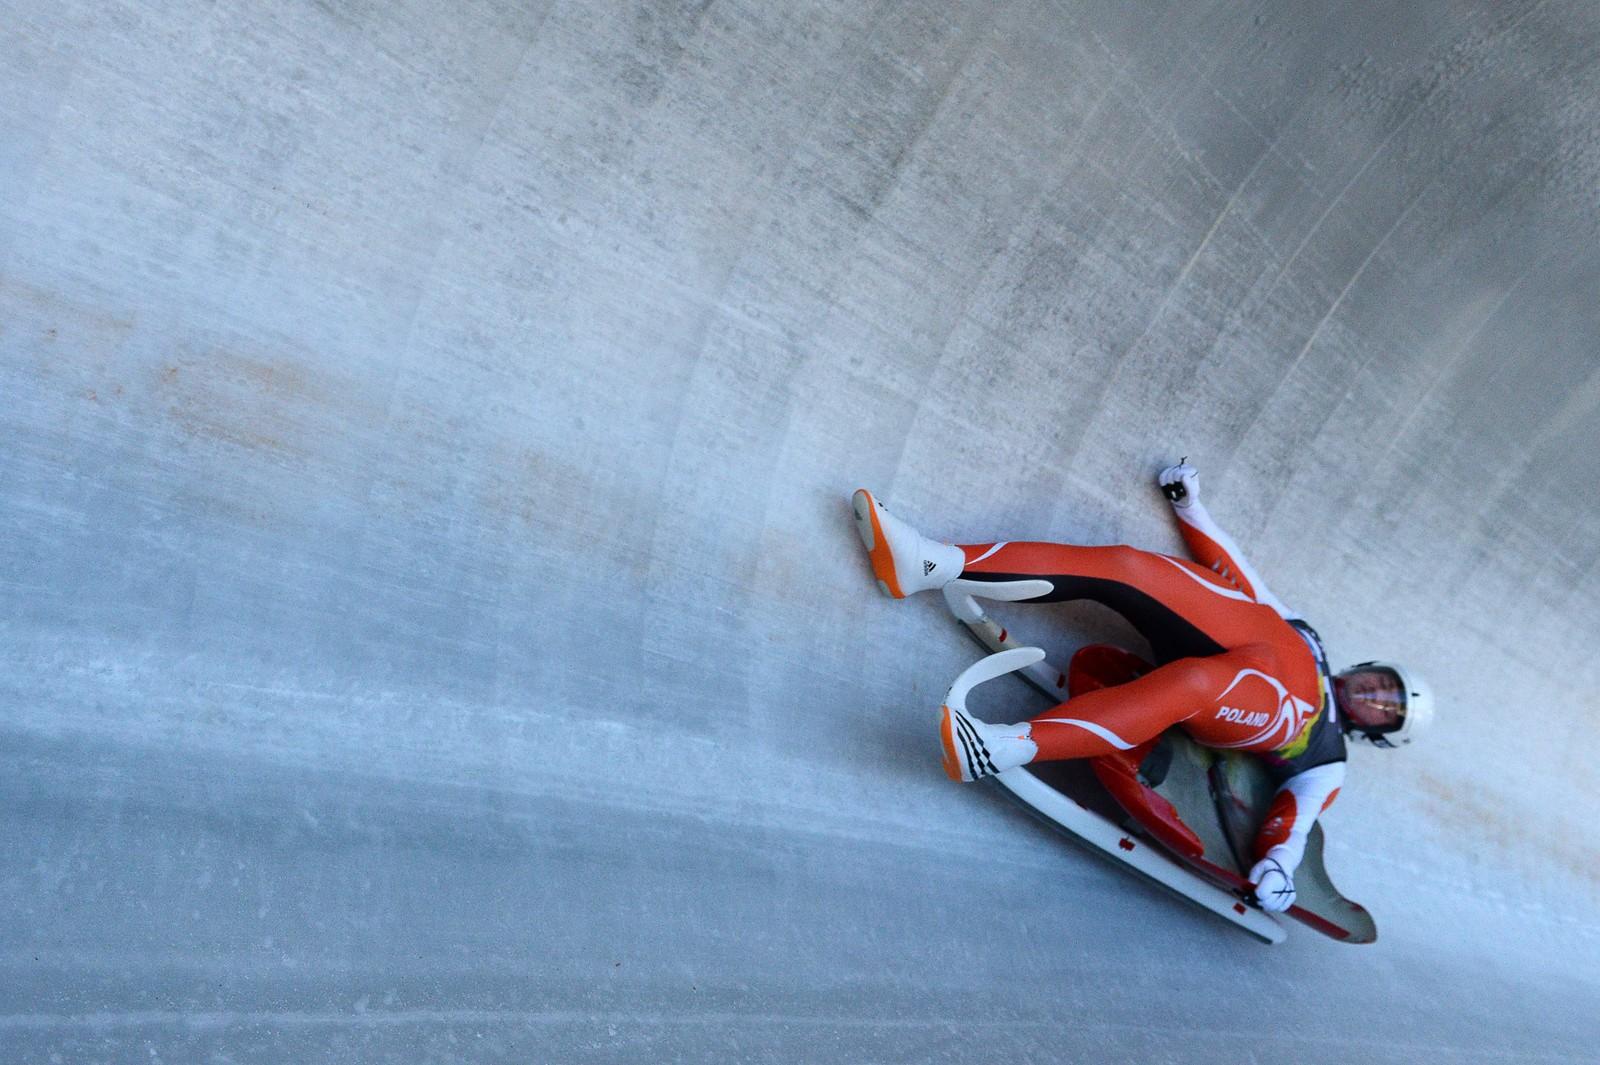 Kacper Tarnawski fra Polen falt under akekonkurransen søndag.